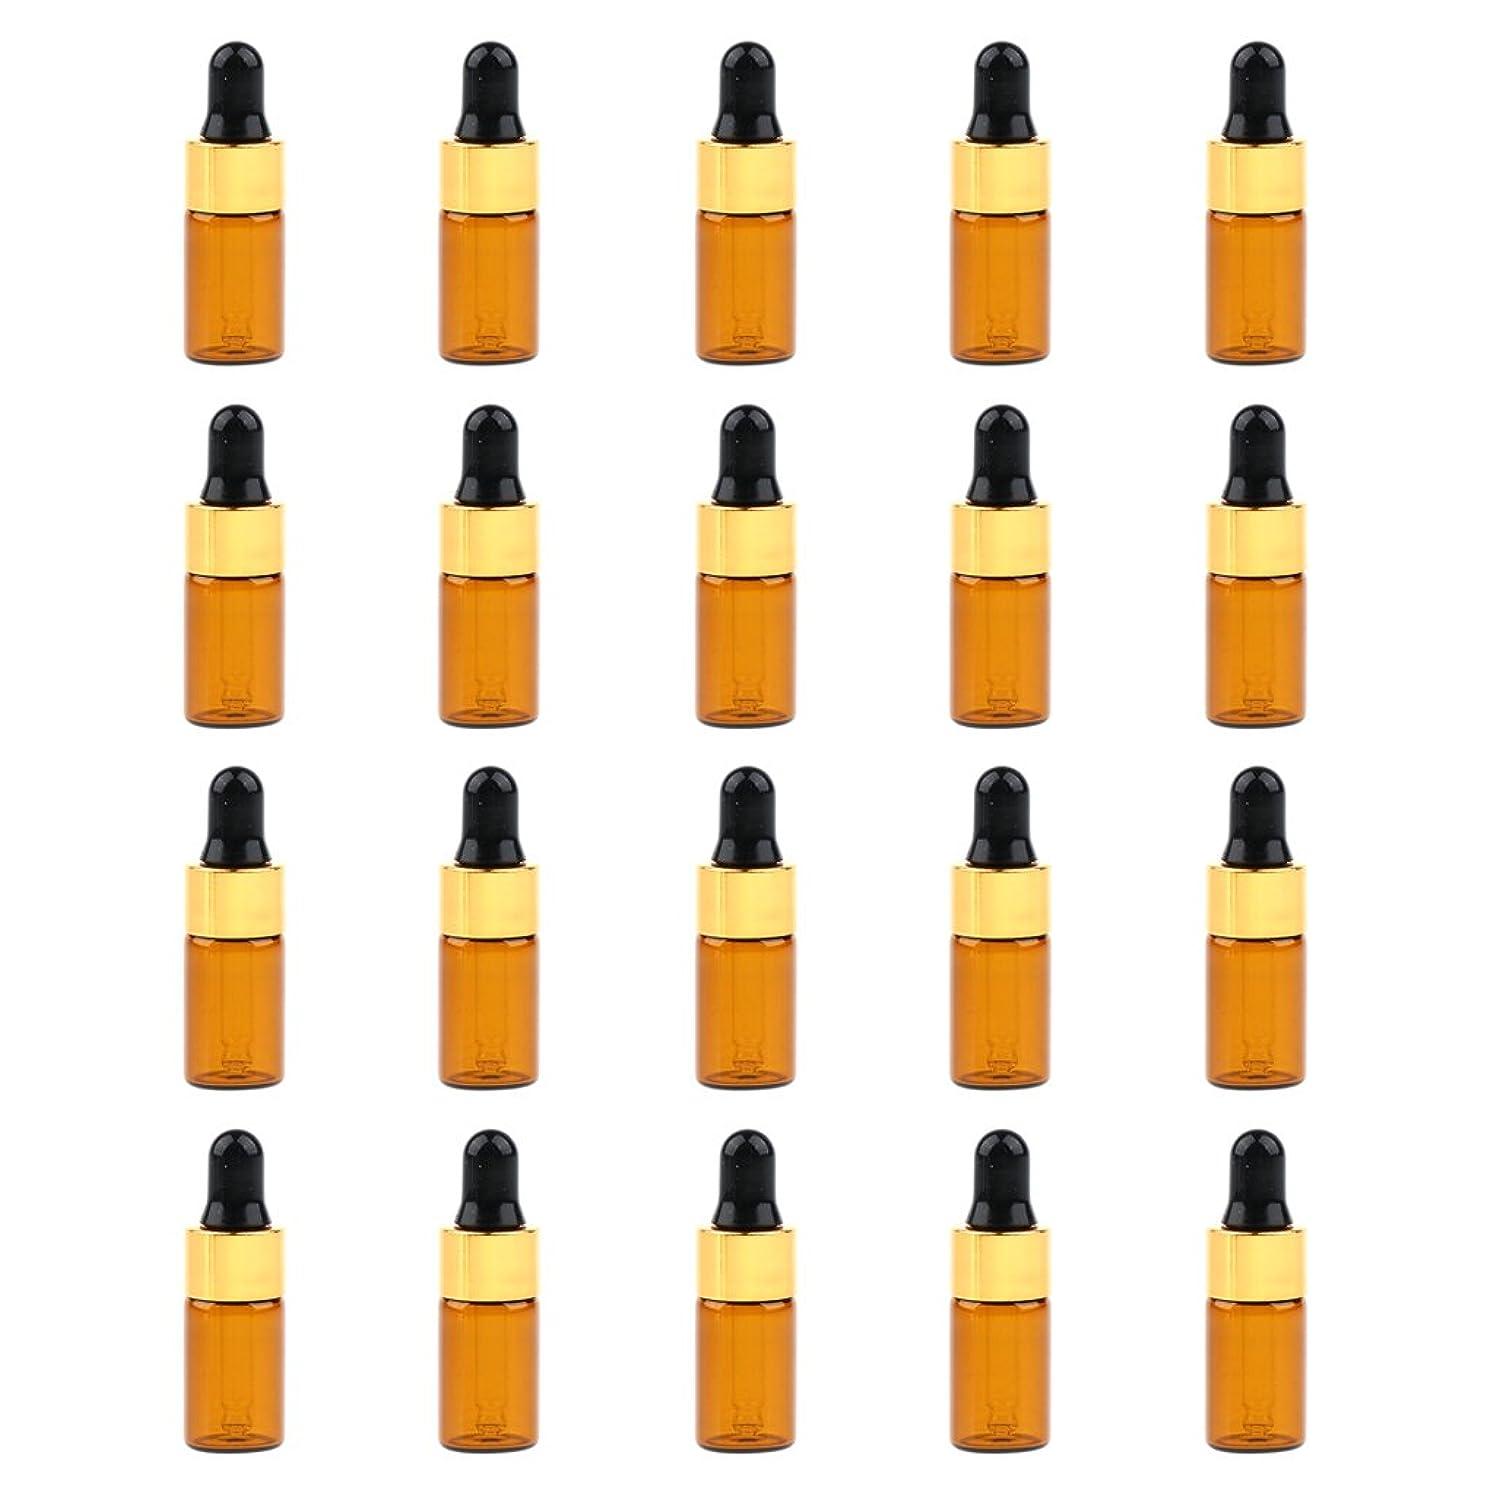 実現可能性否定するアデレードPerfk 約20個 ミニボトル アンバーボトル ガラスボトル 茶色  3サイズ選べ - 3ミリリットル